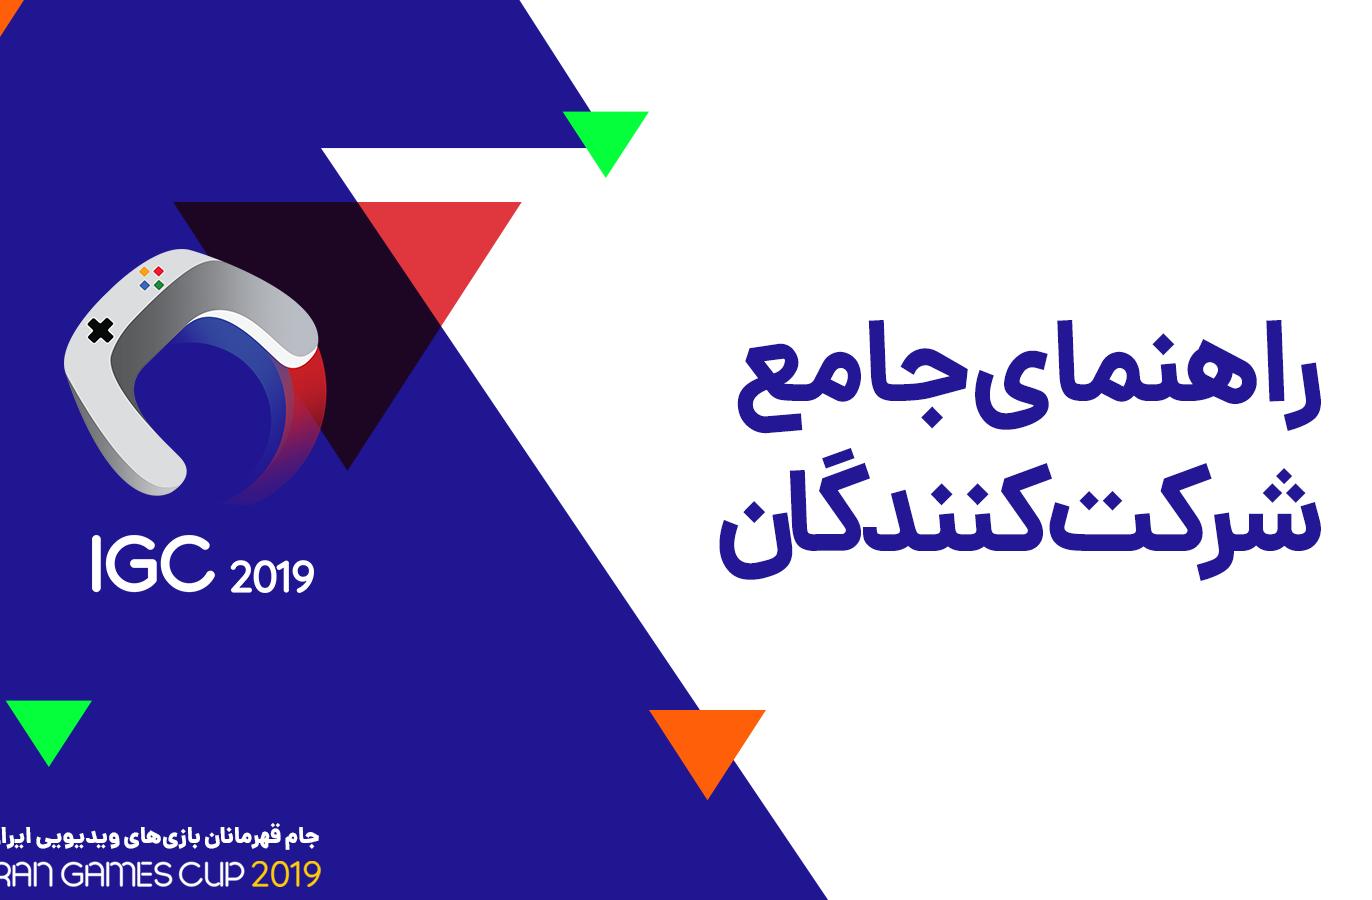 راهنمای جامع شرکتکنندگان جام قهرمانان بازیهای ویدیویی ایران